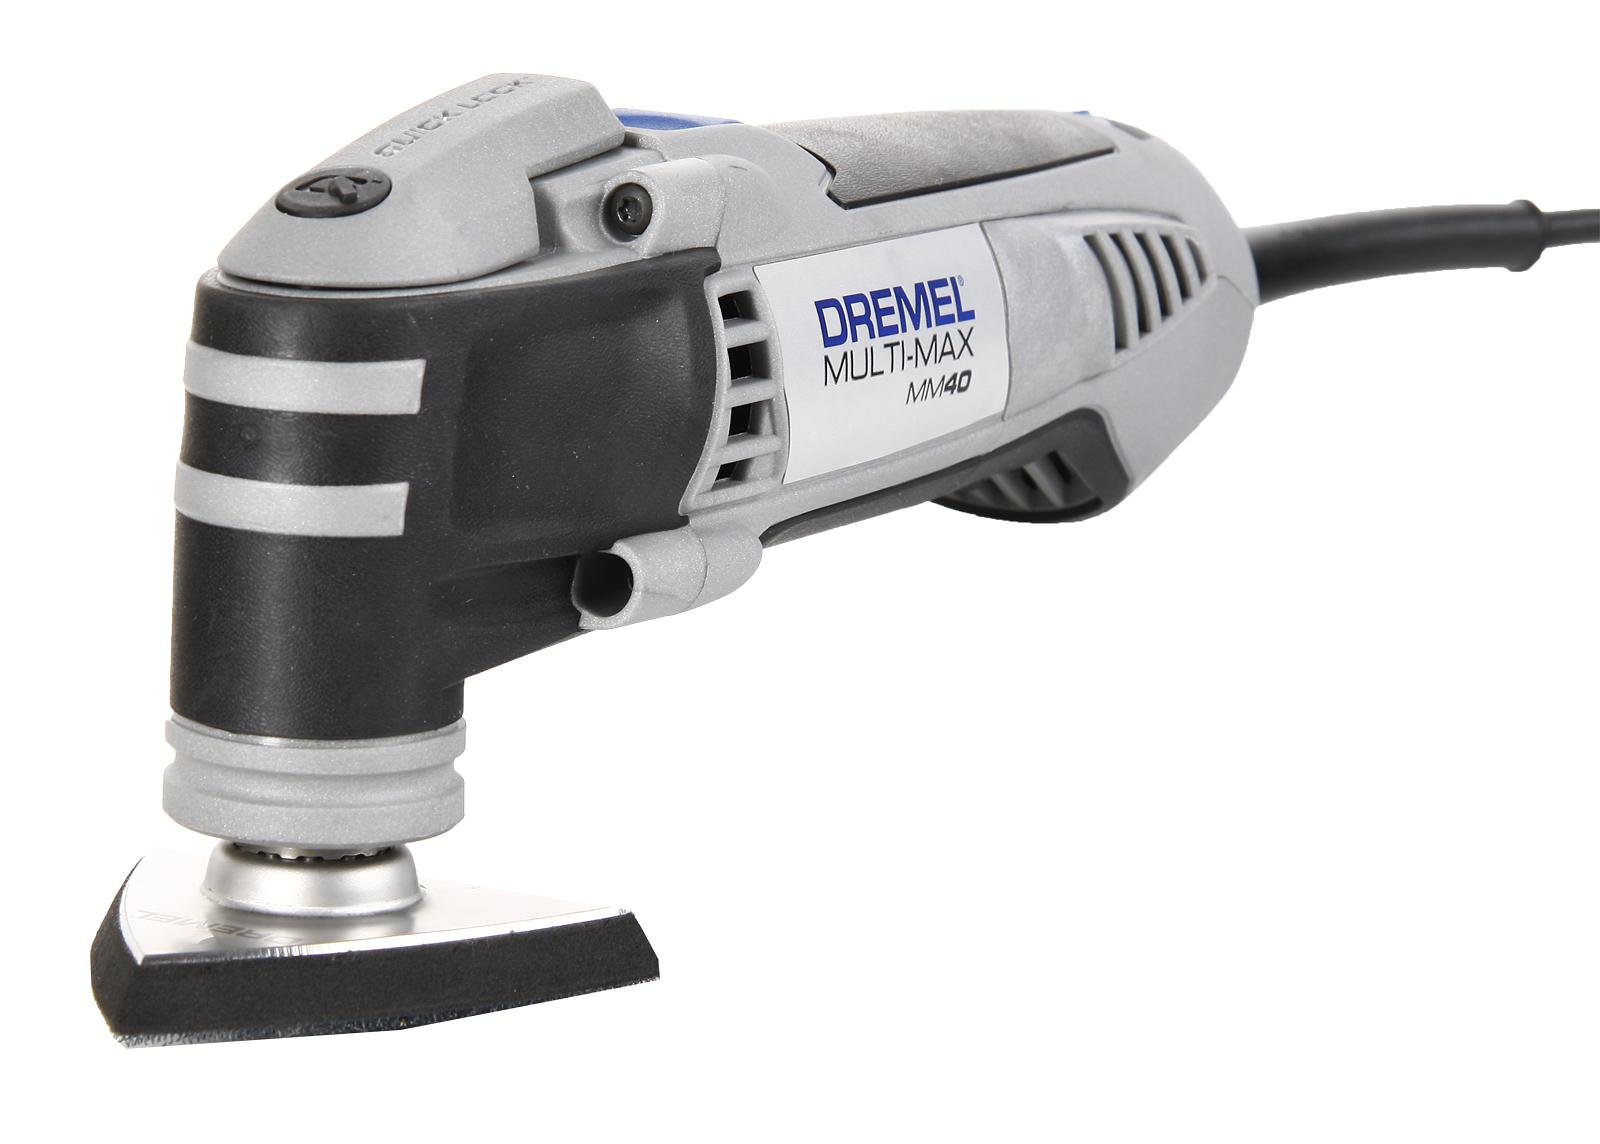 Реноватор Dremel Multi-max mm40